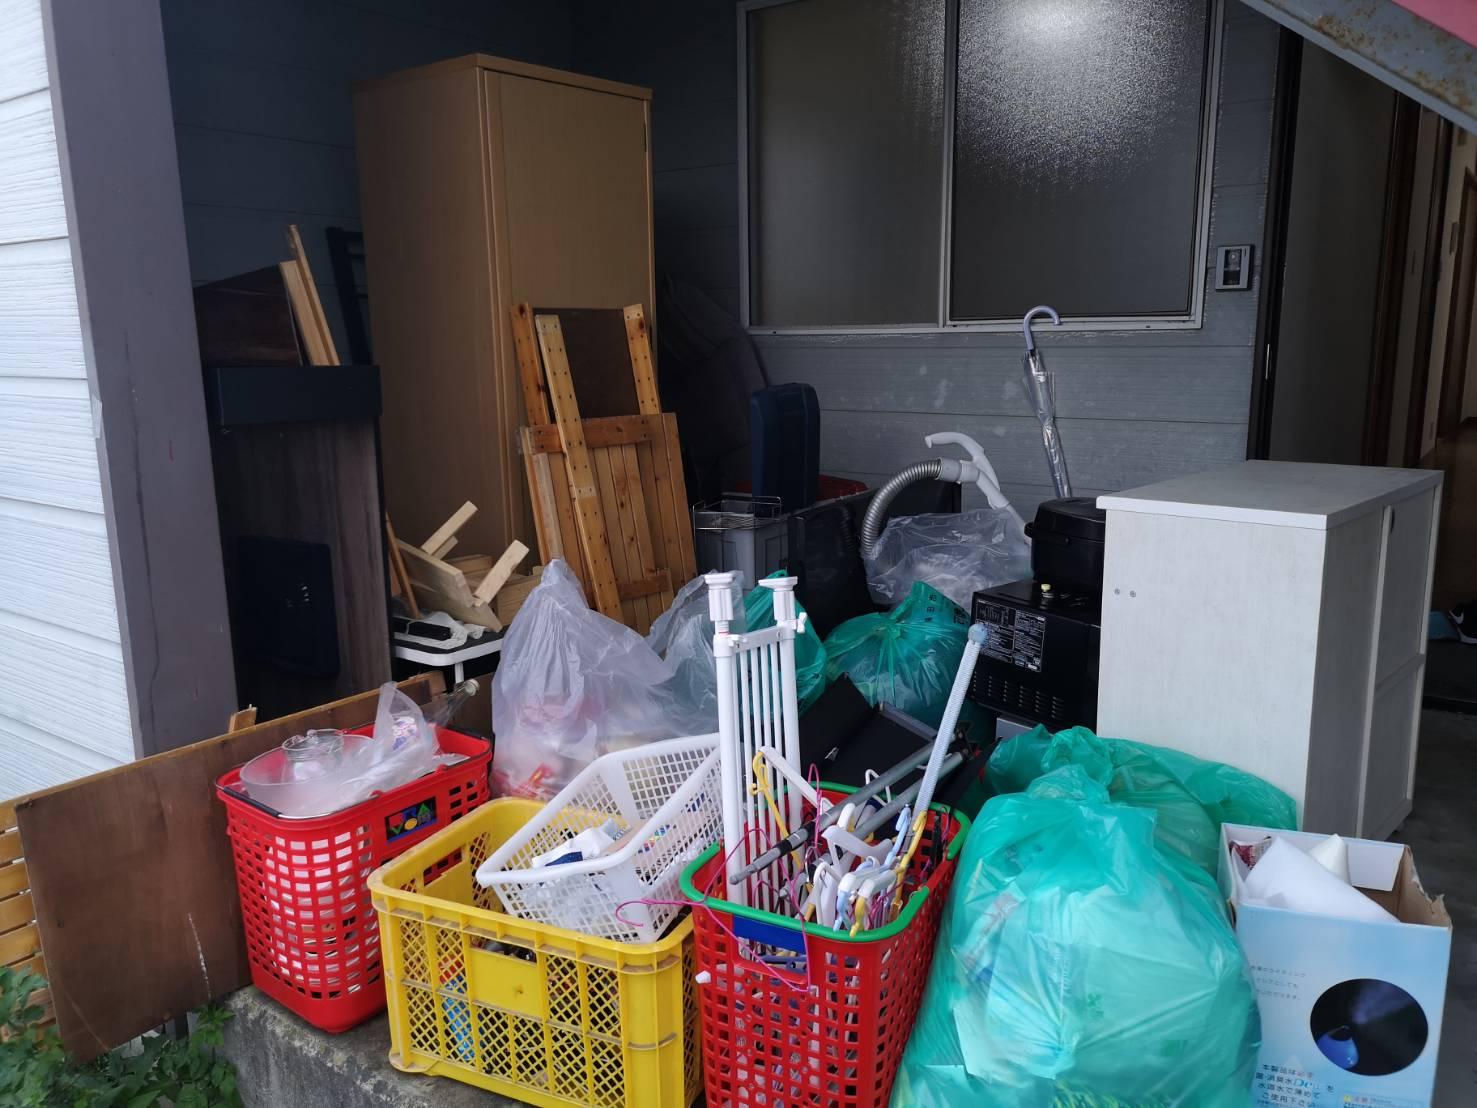 クローゼット、カラーボックス、掃除機の回収前